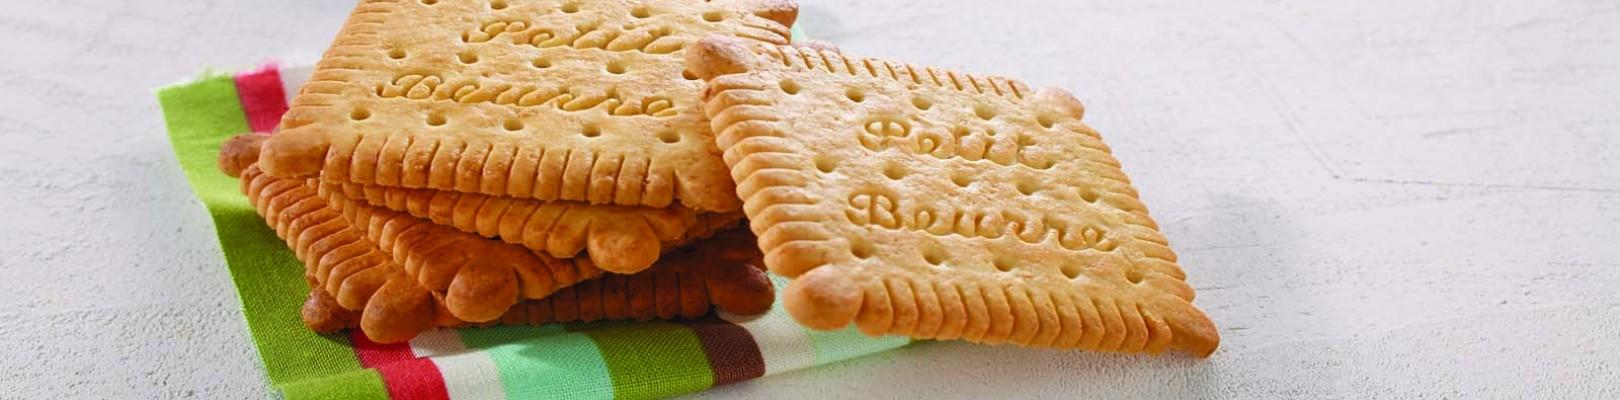 Biscuiterie